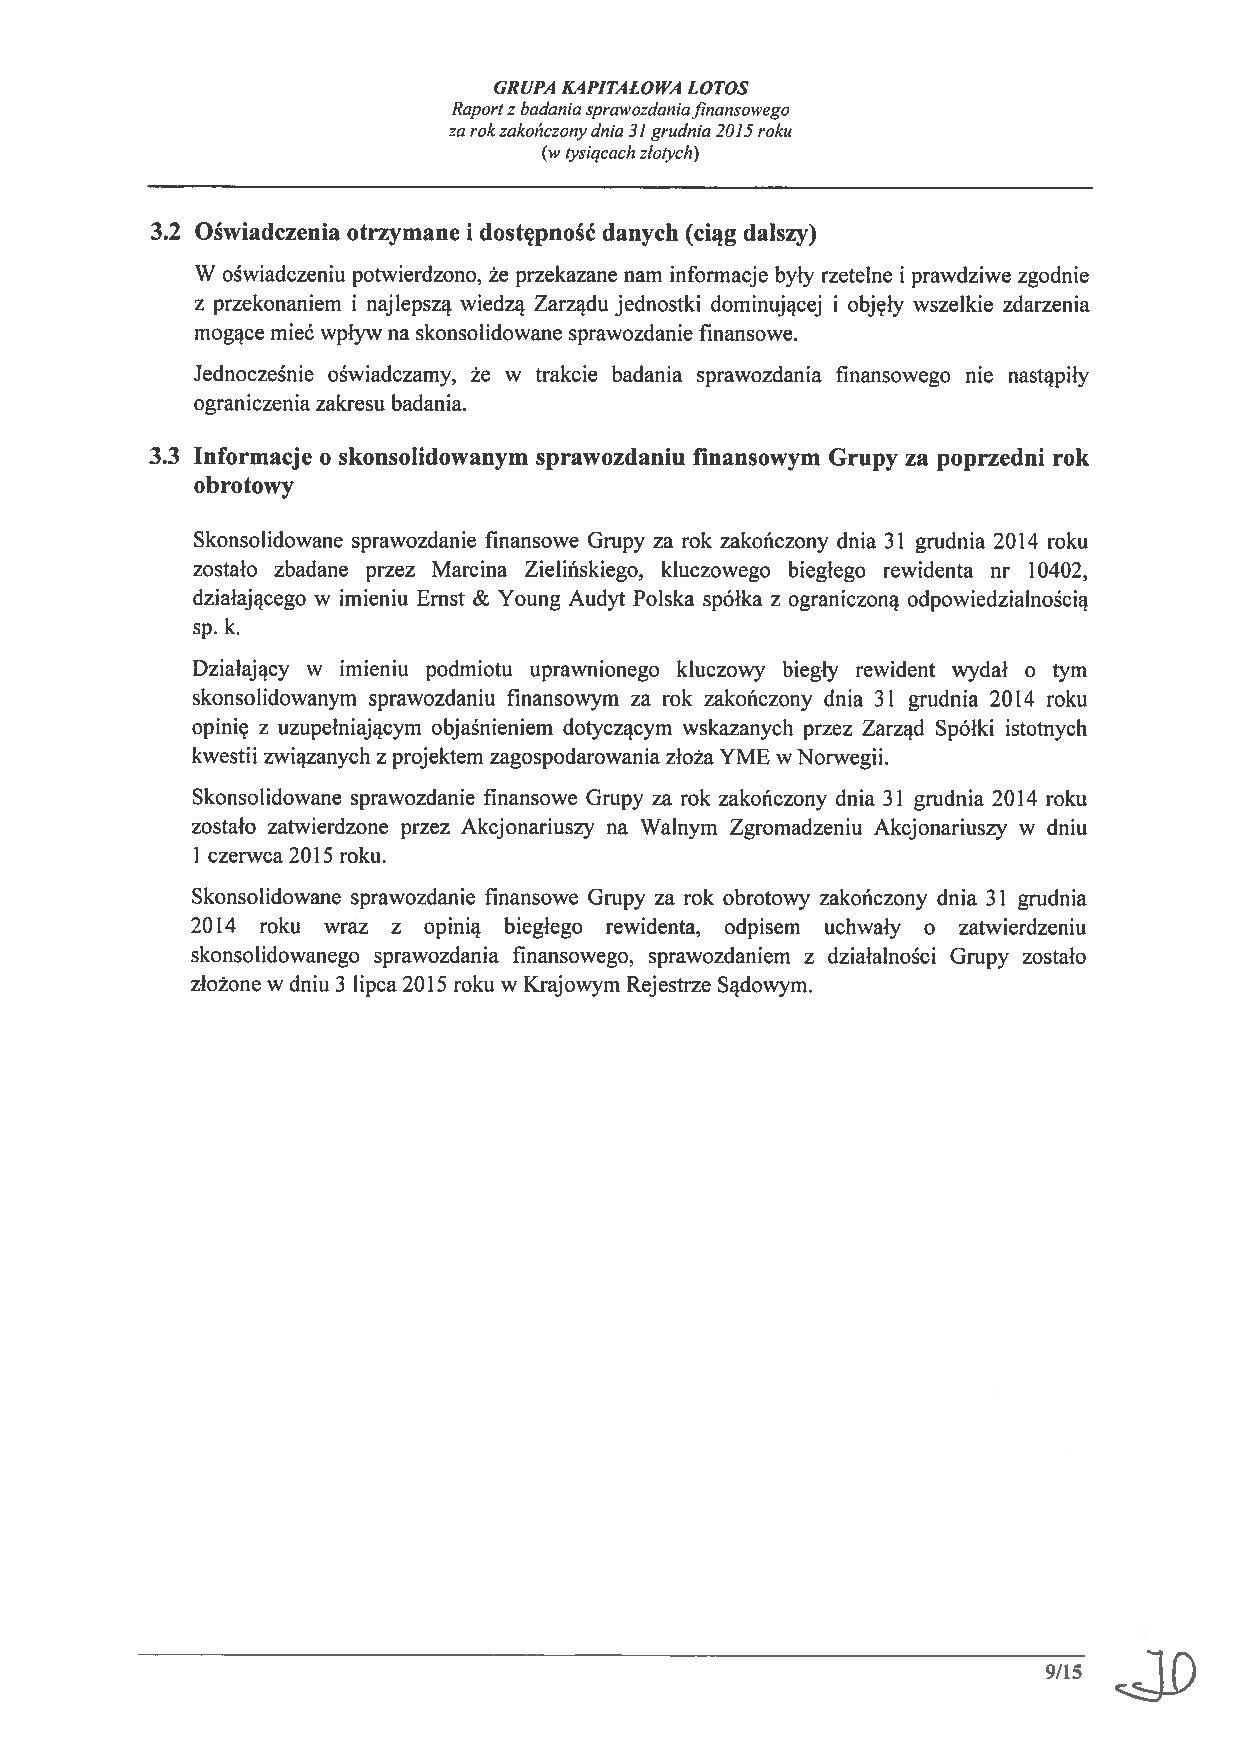 Grupa Kapitalowa LOTOS 2015 - Raport audytora z badania Skonsolidowanego Sprawozdania Finansowego strona 9